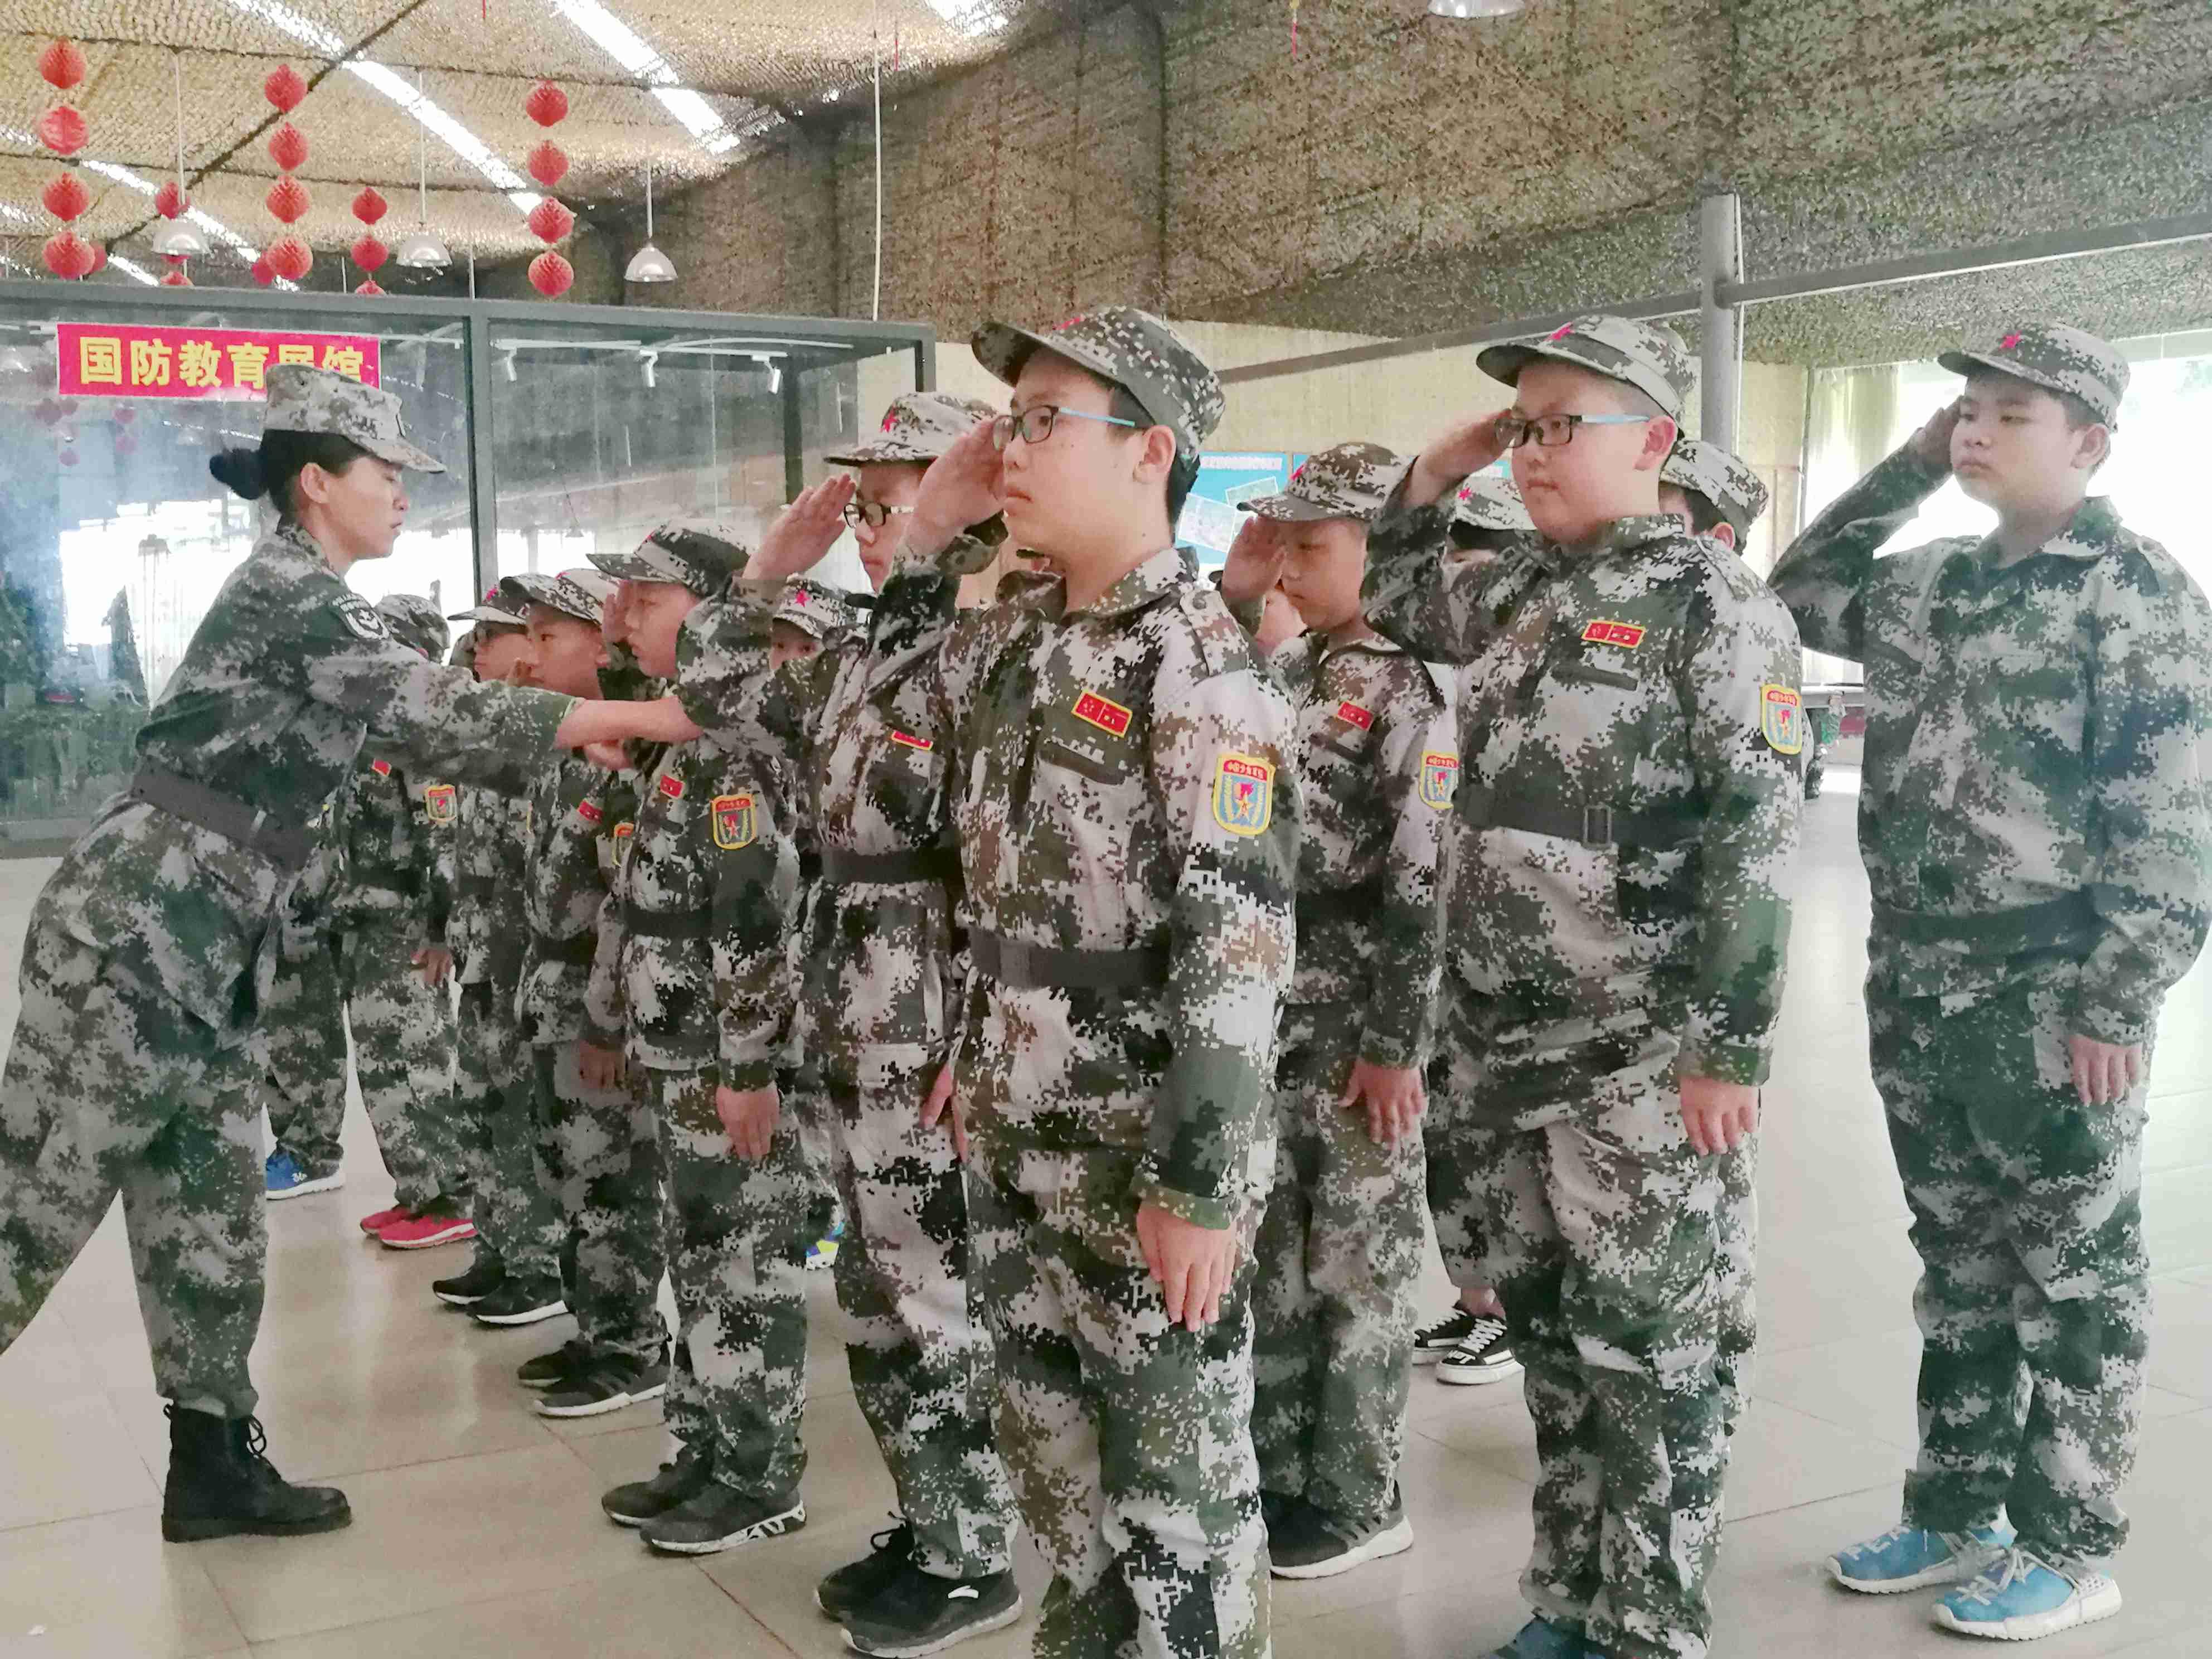 军事夏令营童子军训练